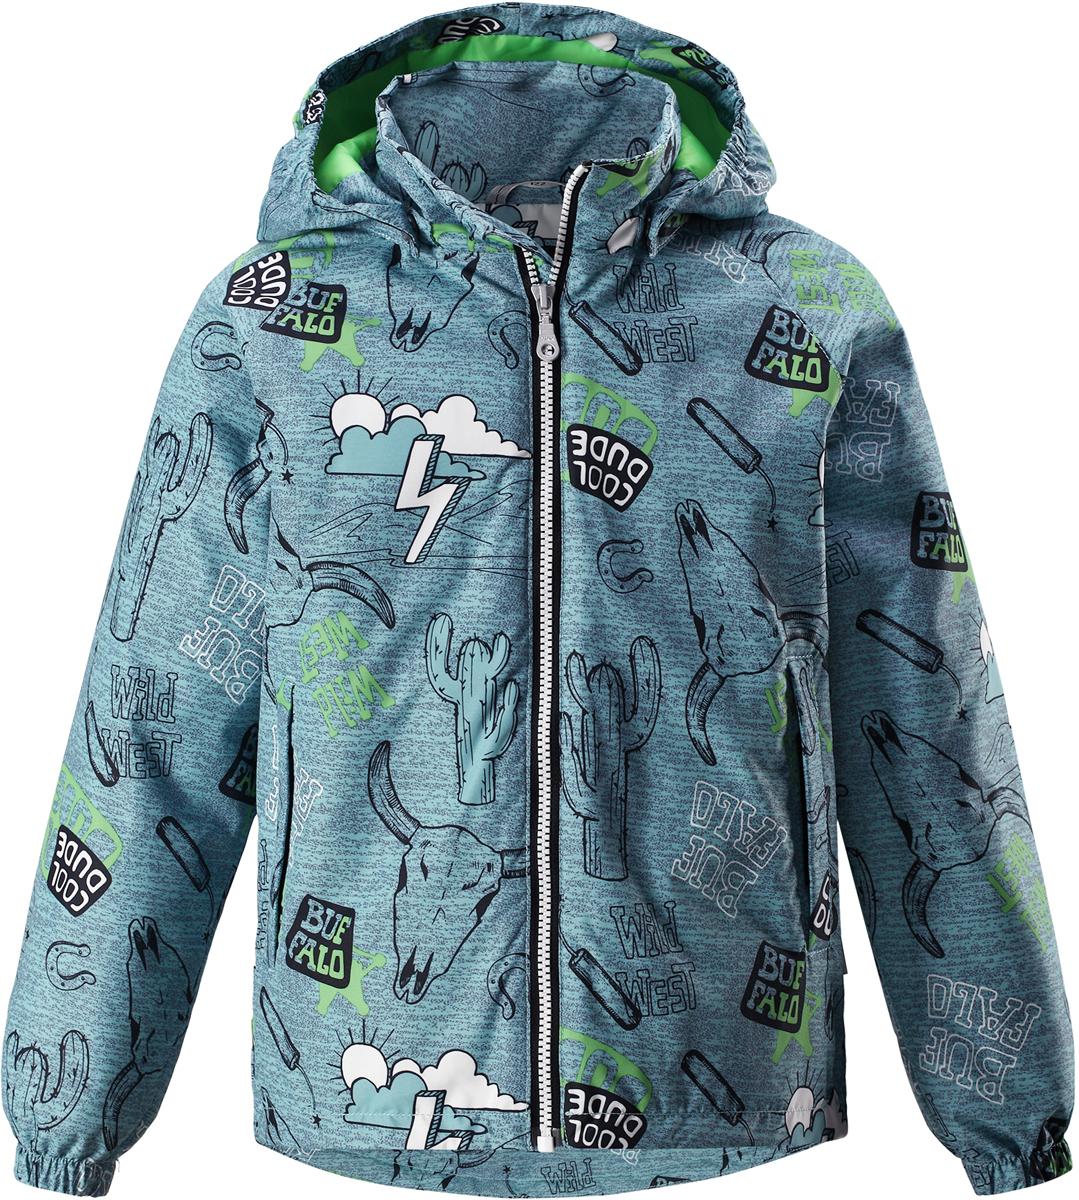 Куртка для мальчика Lassie, цвет: зеленый. 721725R8271. Размер 104721725R8271Детская куртка Lassie идеально подойдет для ребенка в холодное время года. Куртка изготовлена из водоотталкивающей и ветрозащитной ткани. Материал отличается высокой устойчивостью к трению, благодаря специальной обработке полиуретаном поверхность изделия отталкивает грязь и воду, что облегчает поддержание аккуратного вида одежды, дышащее покрытие с изнаночной части не раздражает даже самую нежную и чувствительную кожу ребенка, обеспечивая ему наибольший комфорт. Куртка застегивается на пластиковую застежку-молнию с защитой подбородка, благодаря чему ее легко надевать и снимать. Края рукавов дополнены неширокими эластичными манжетами. Также модель дополнена светоотражающими элементами для безопасности в темное время суток. Все швы проклеены, не пропускают влагу и ветер.